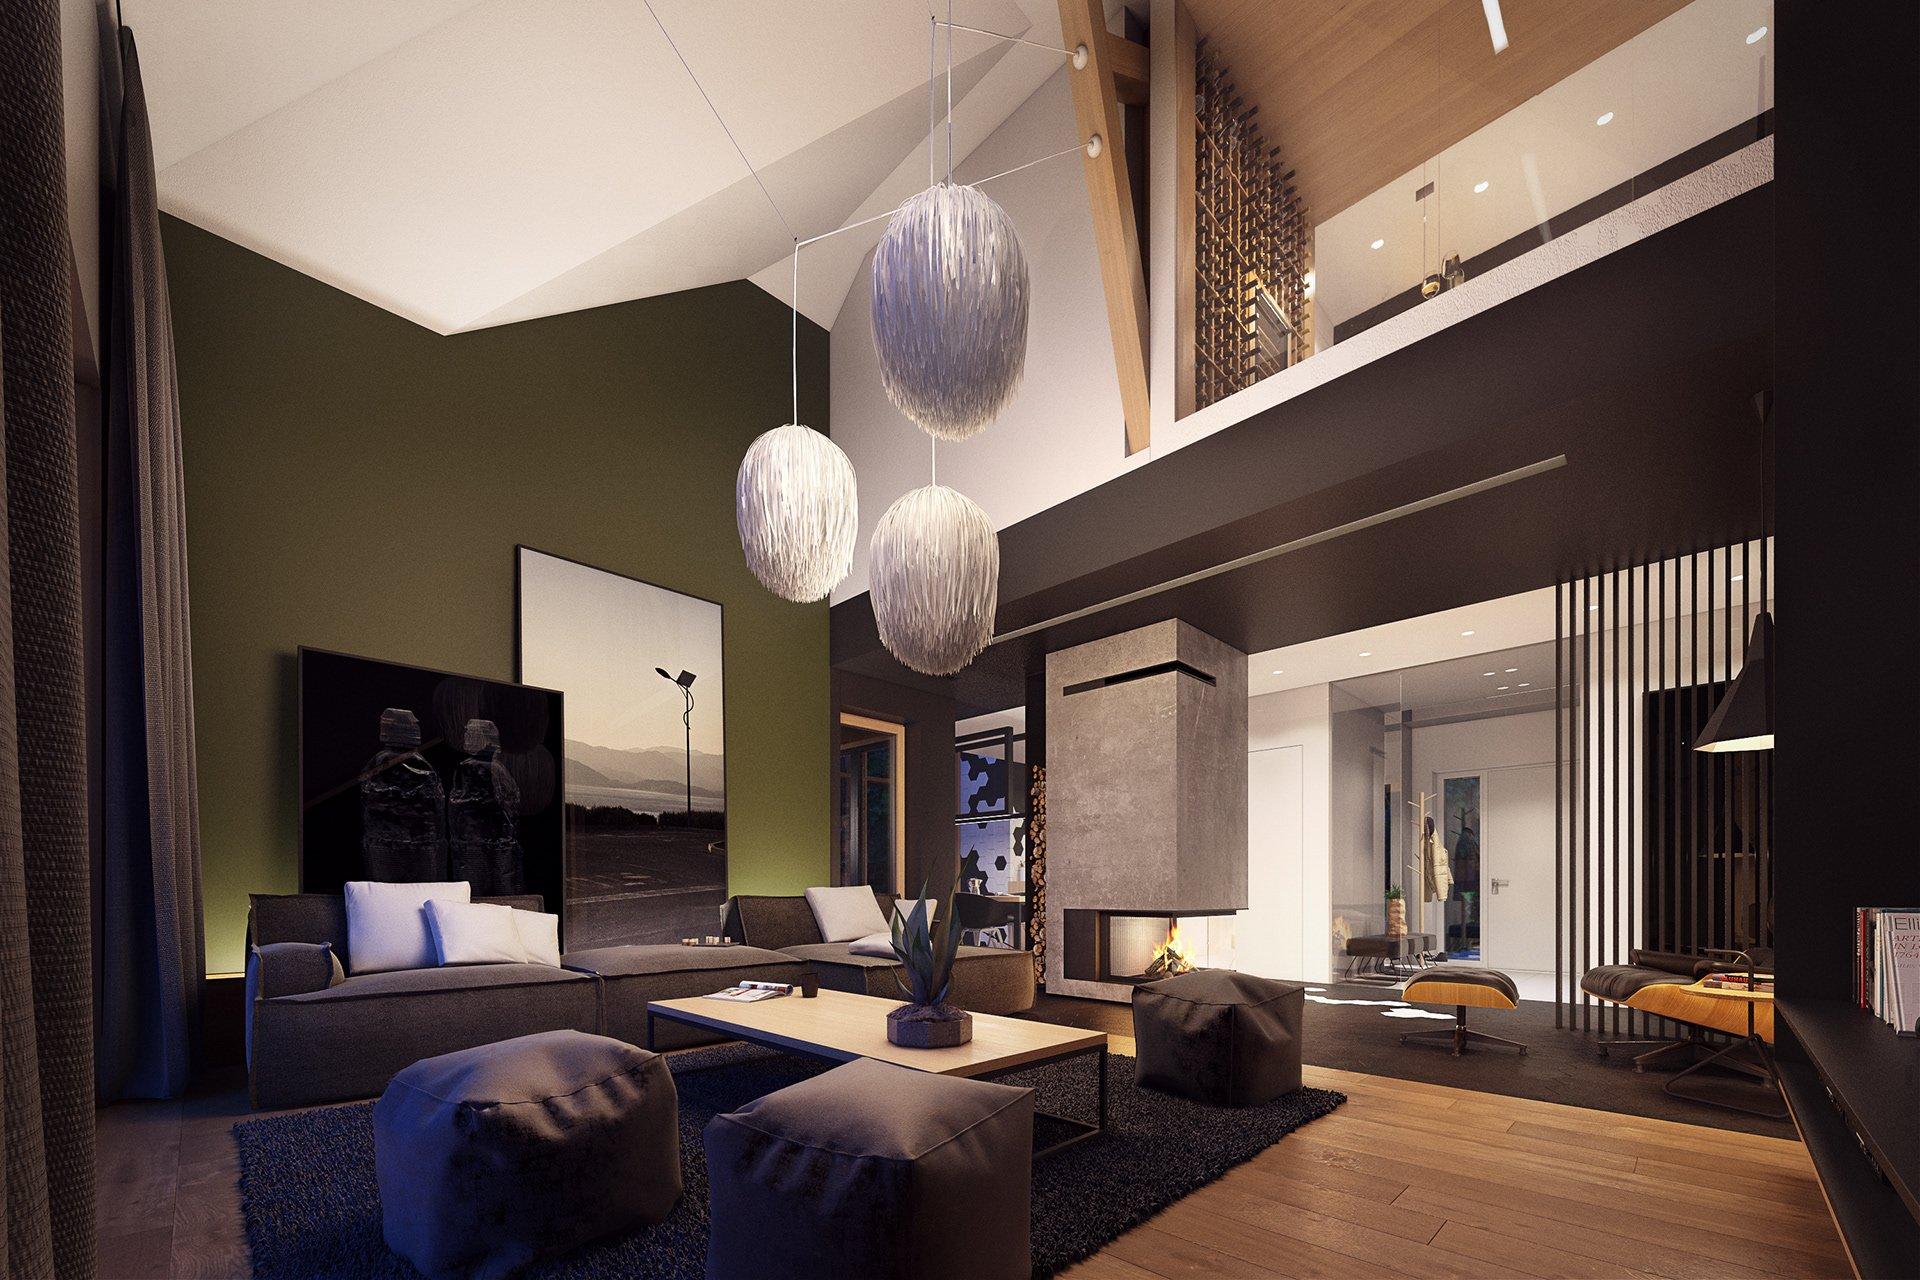 Thiết kế nội thất biệt thự hiện đại sang chảnh với gam màu socola thumbnail